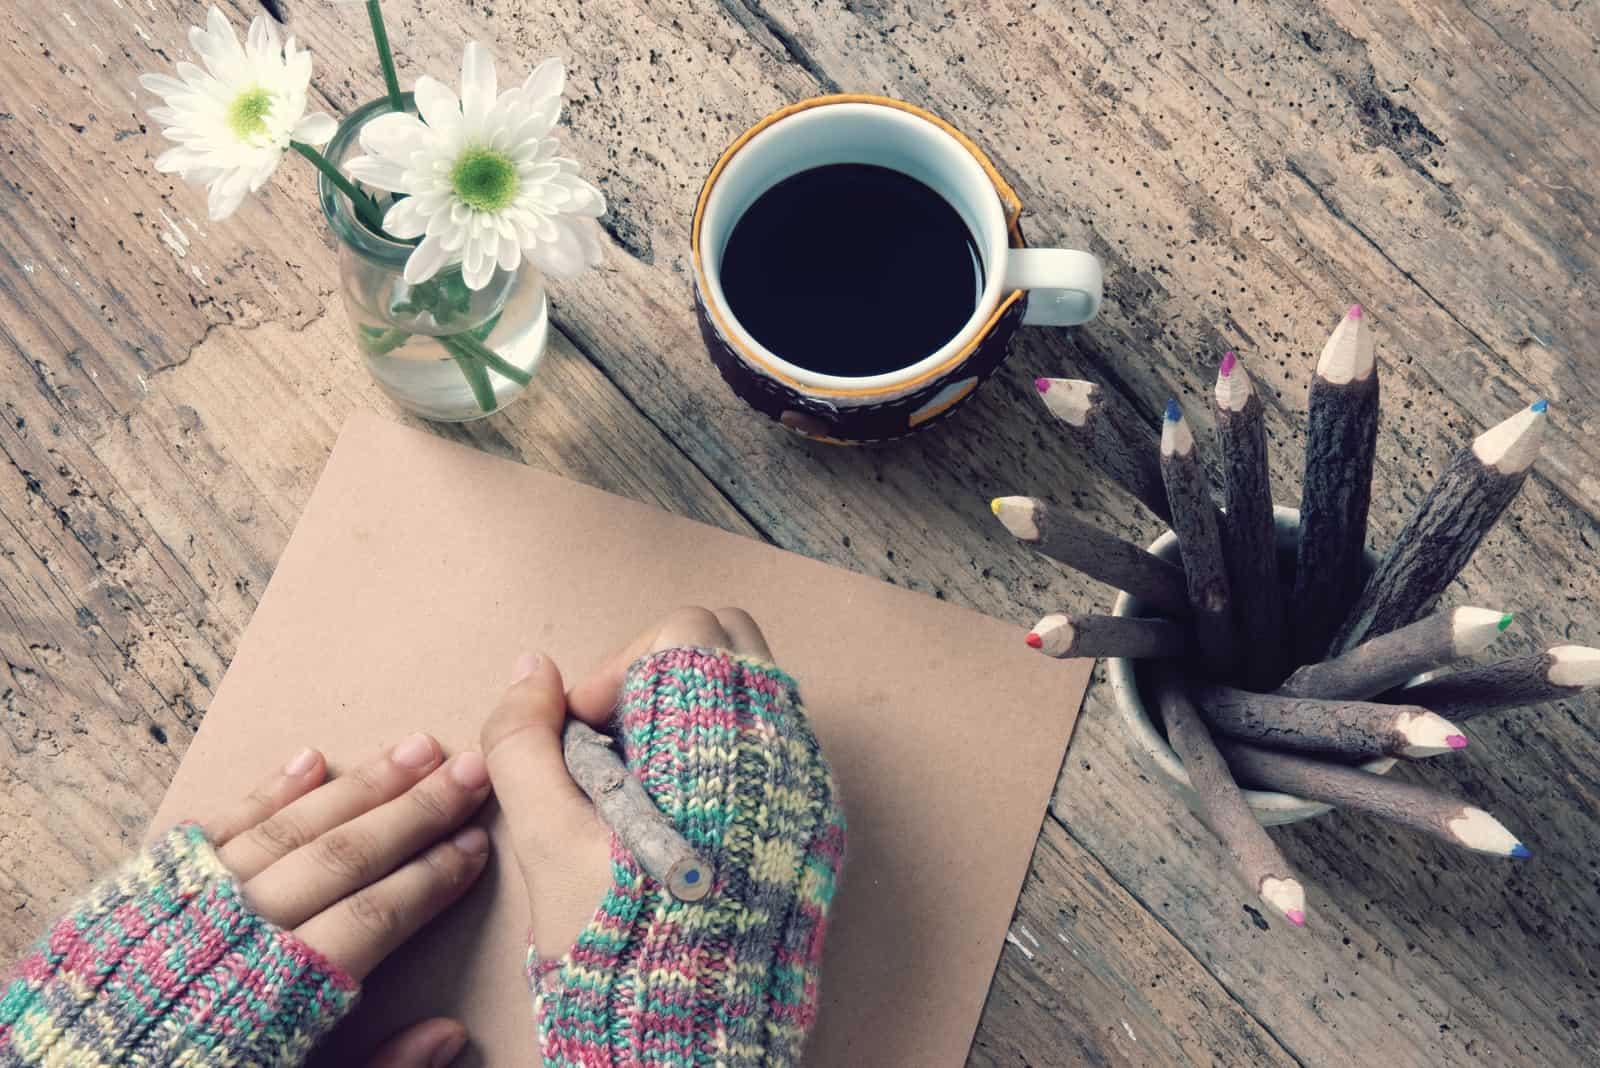 mains féminines sur la table alors qu'elle écrit une lettre